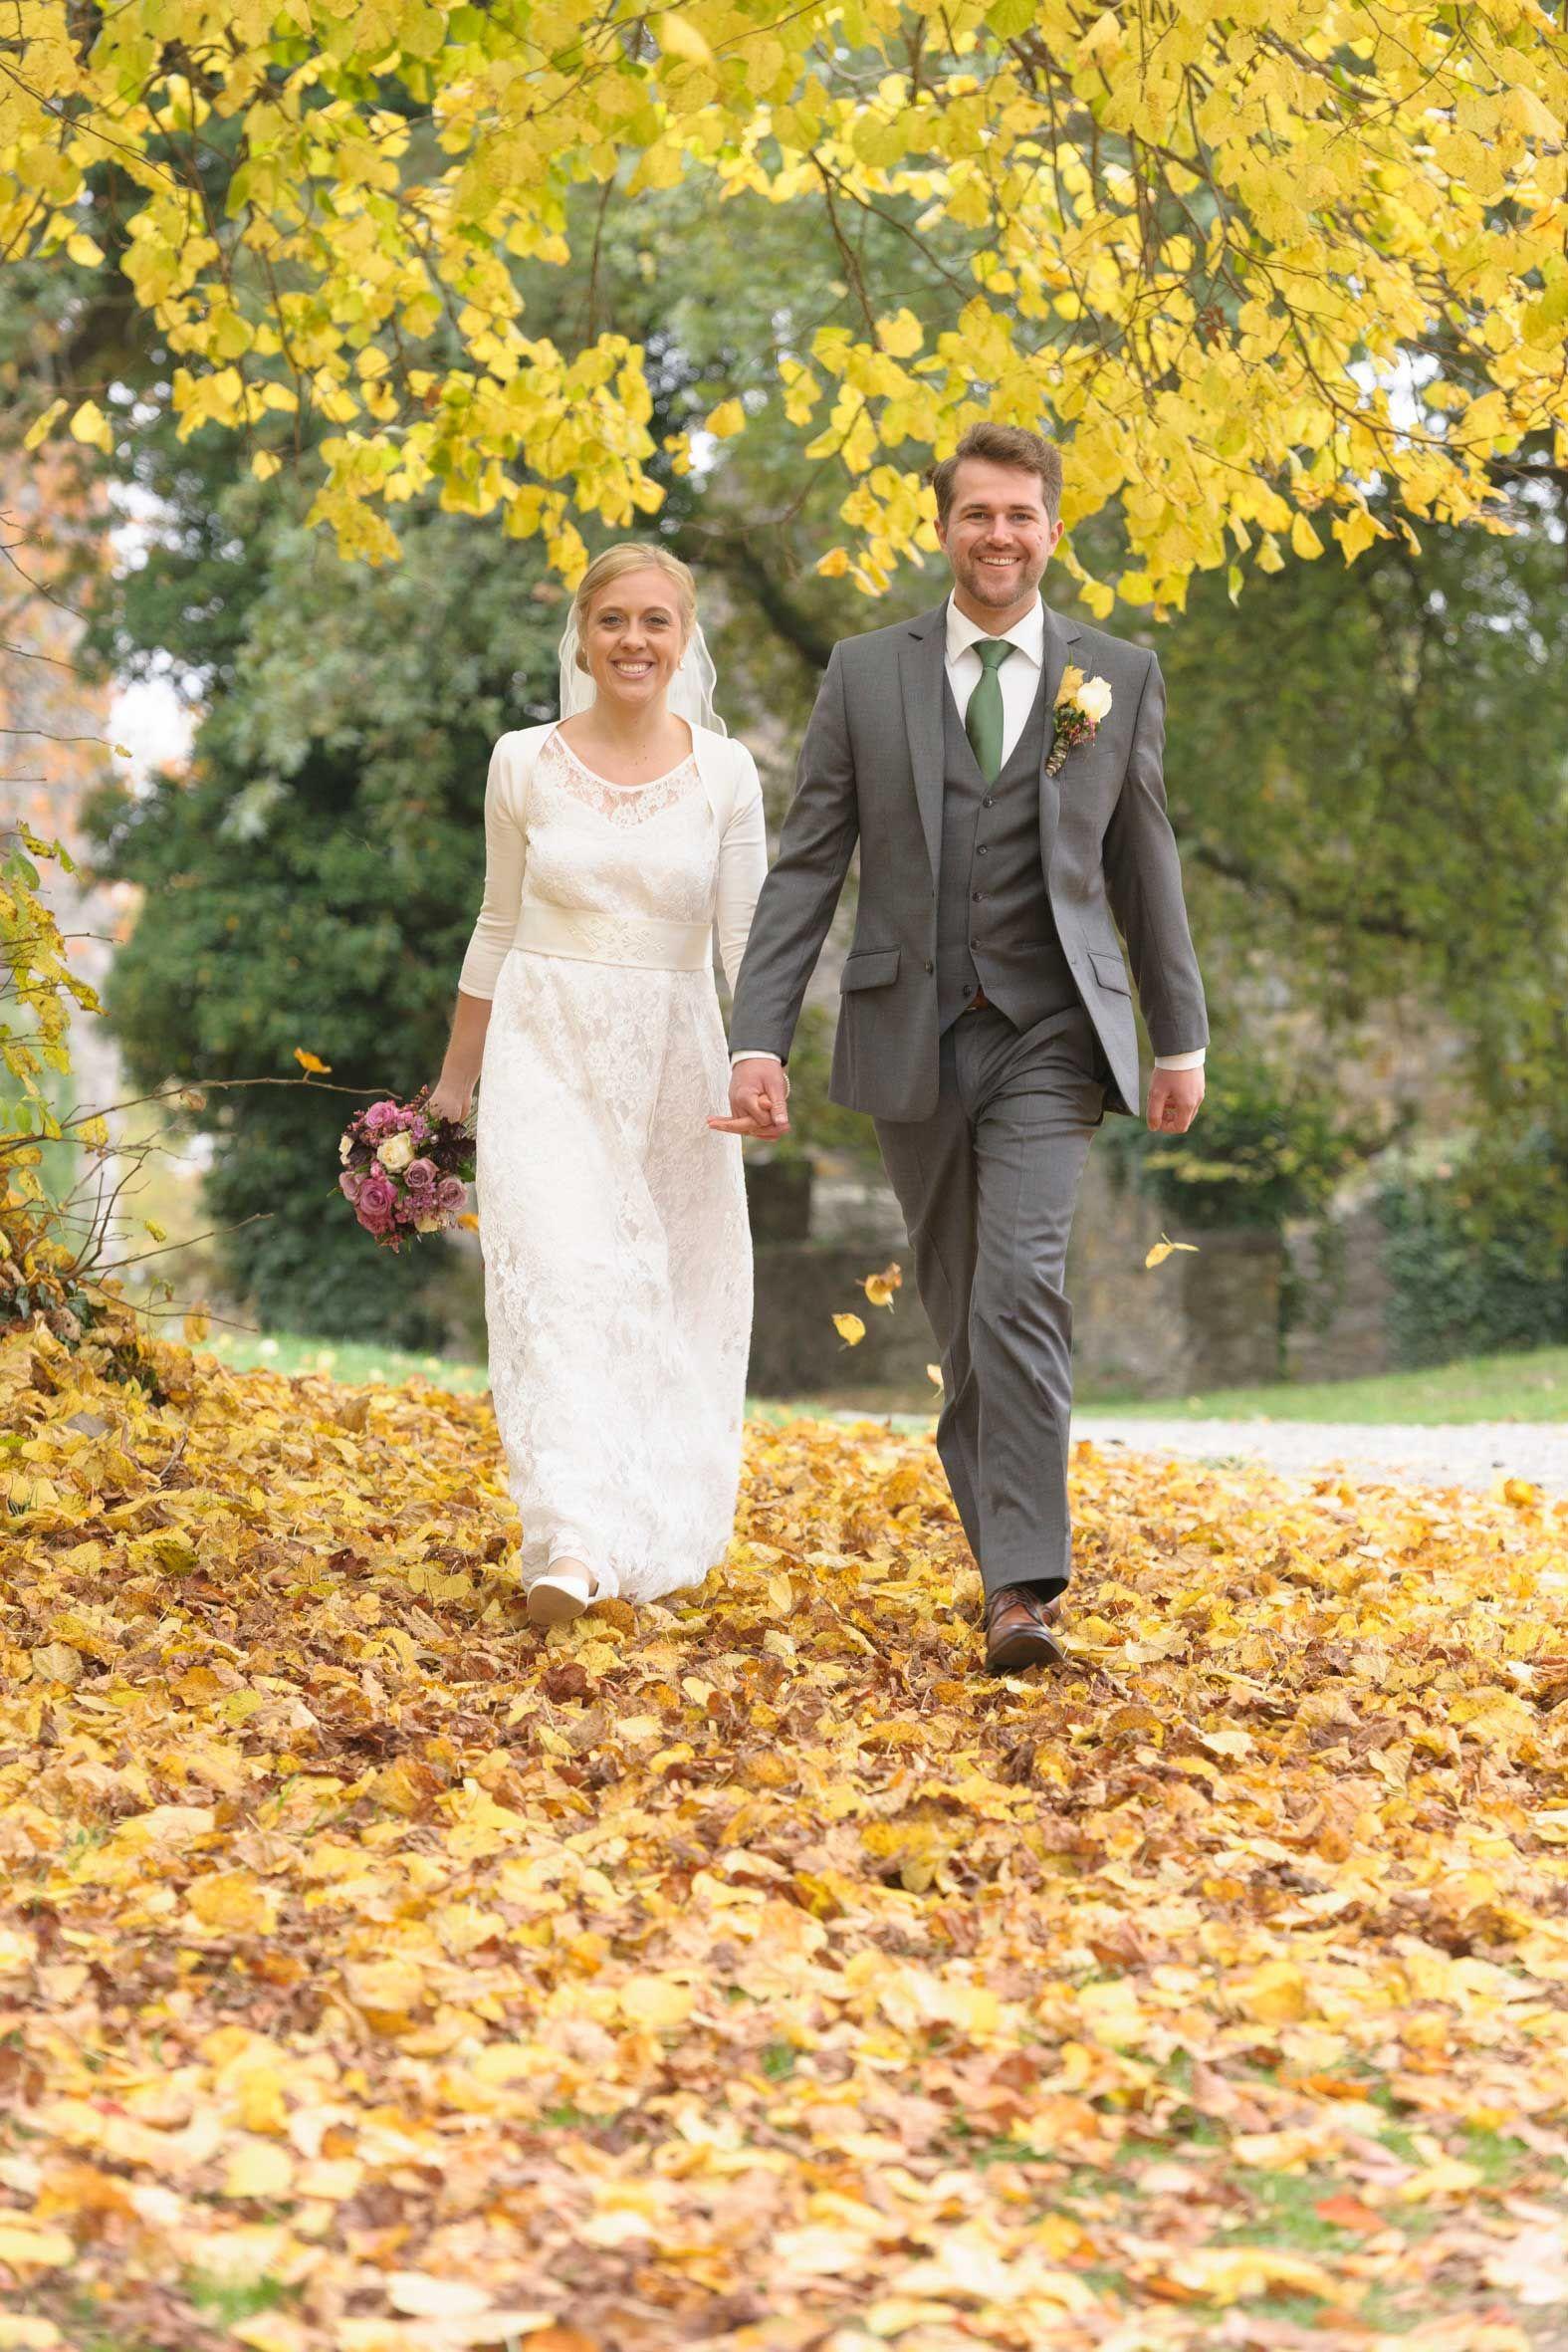 Brautkleid Elise Labude Brautkleider Real Weddings Lace Boho ...